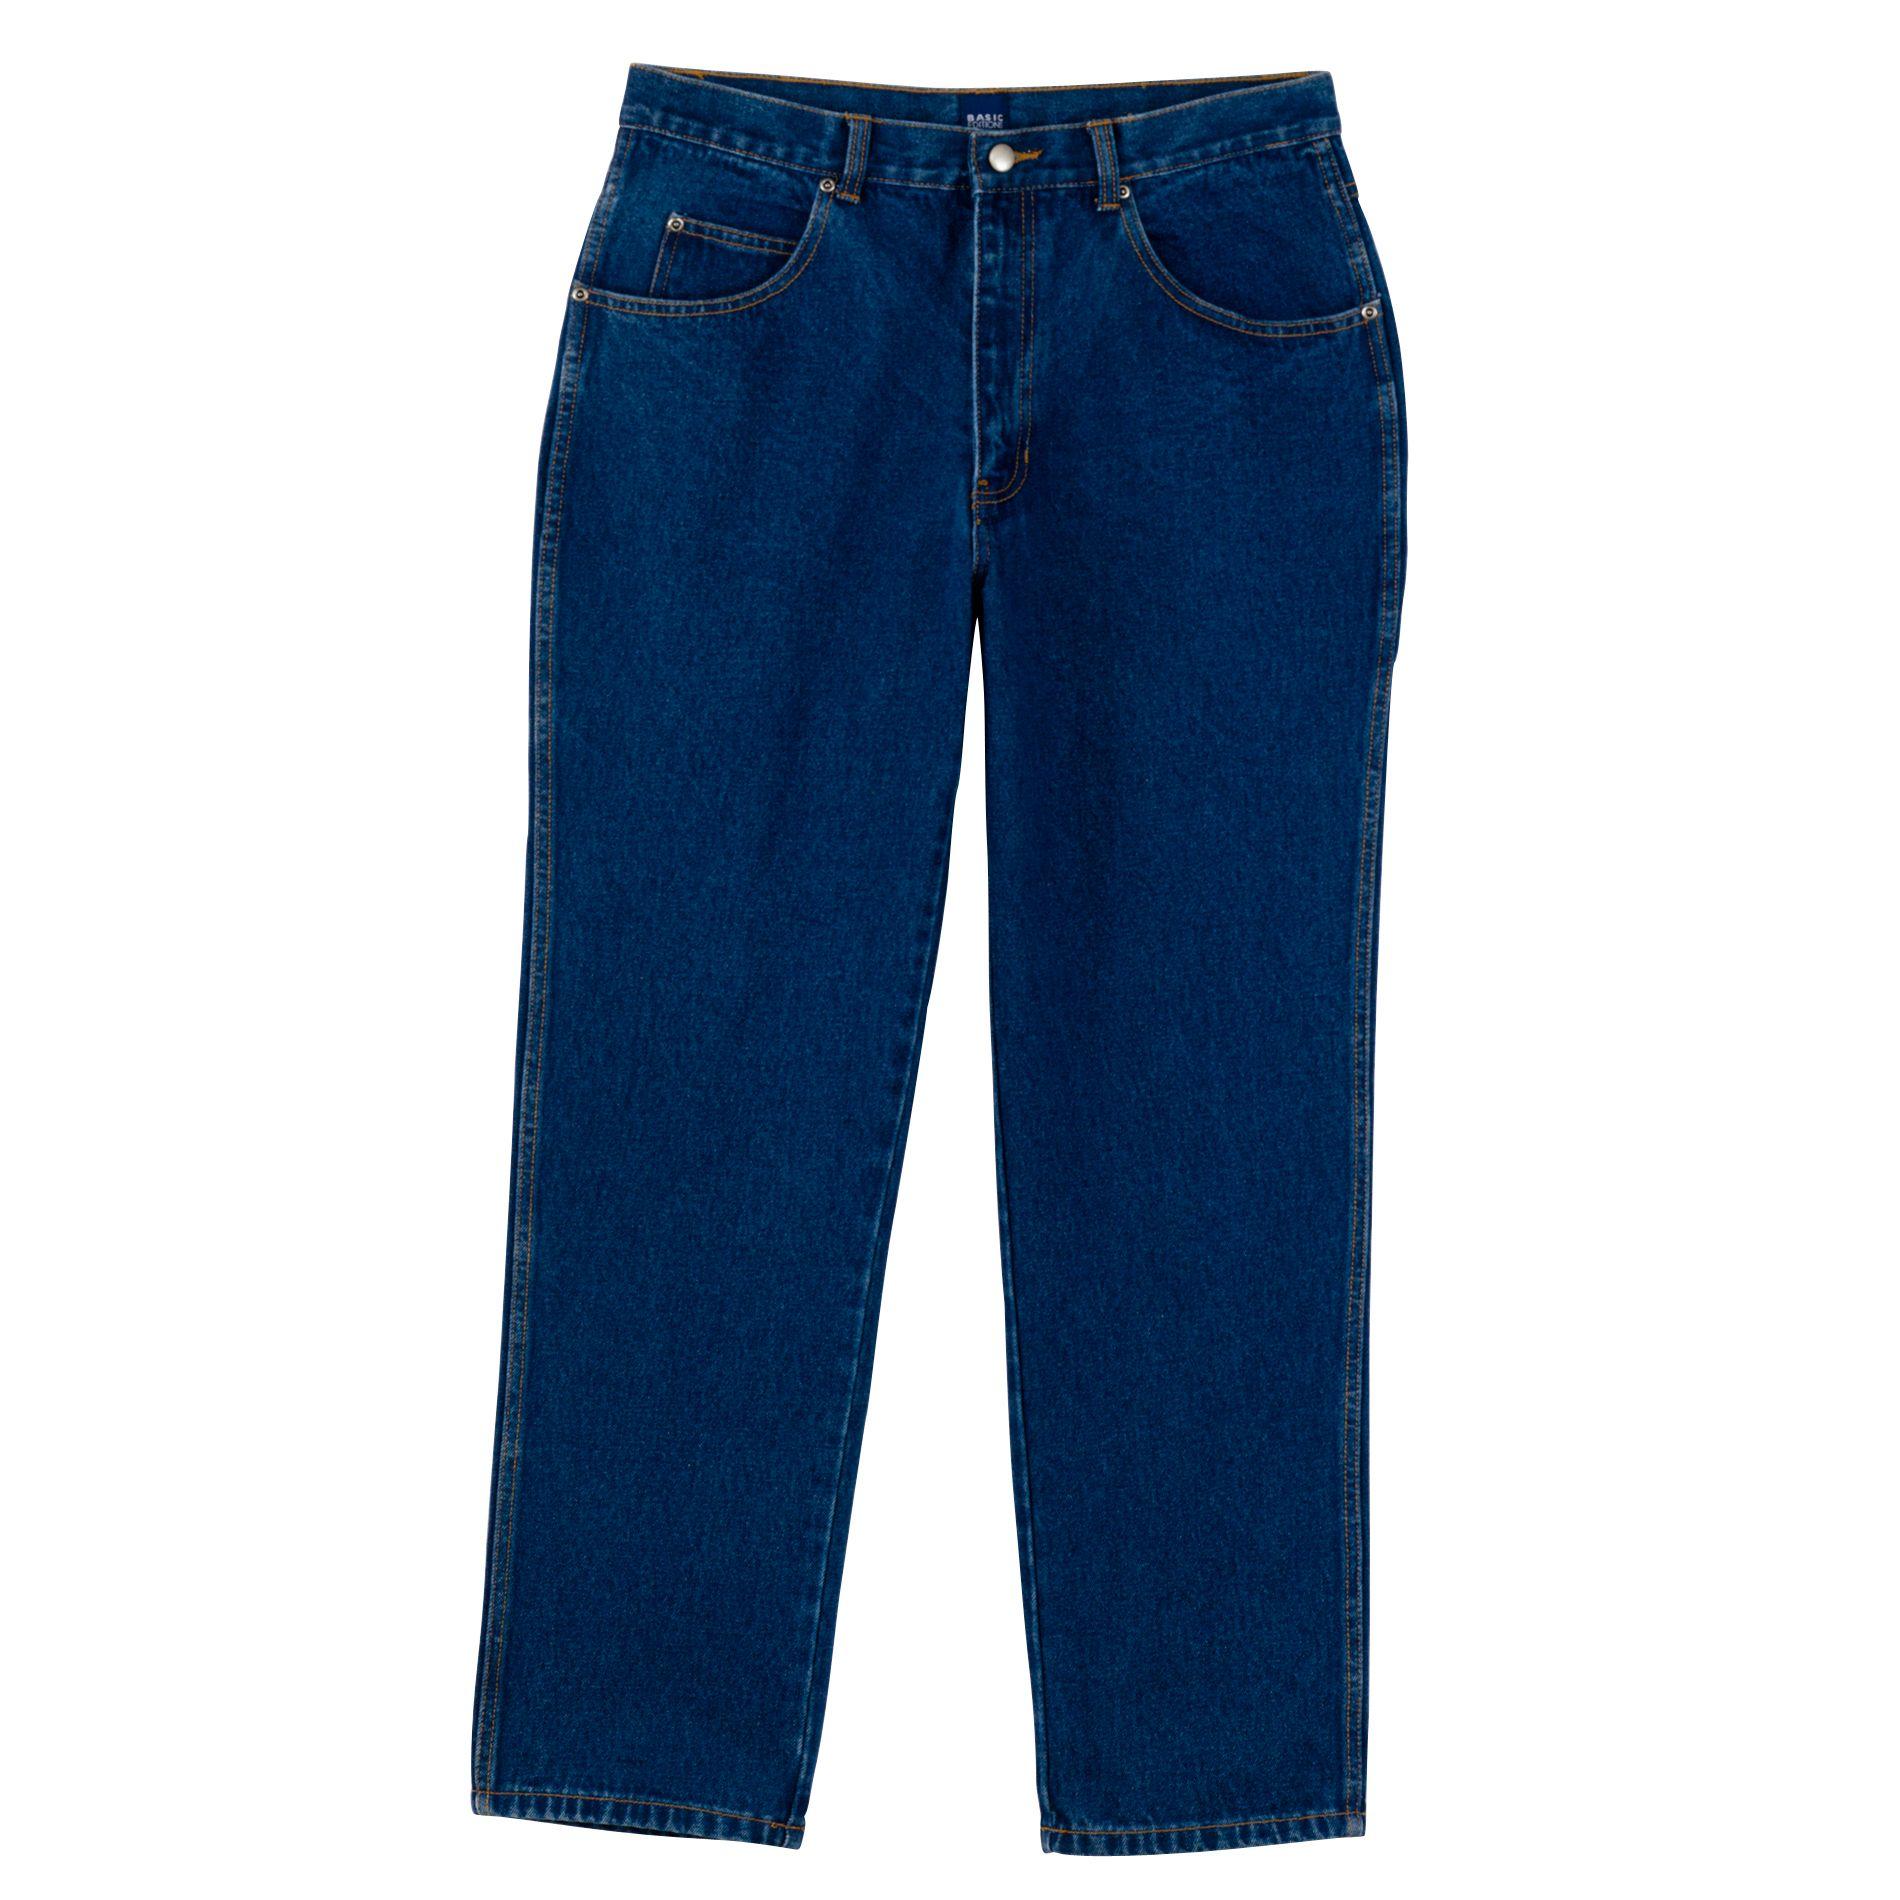 jeans clip art pictures